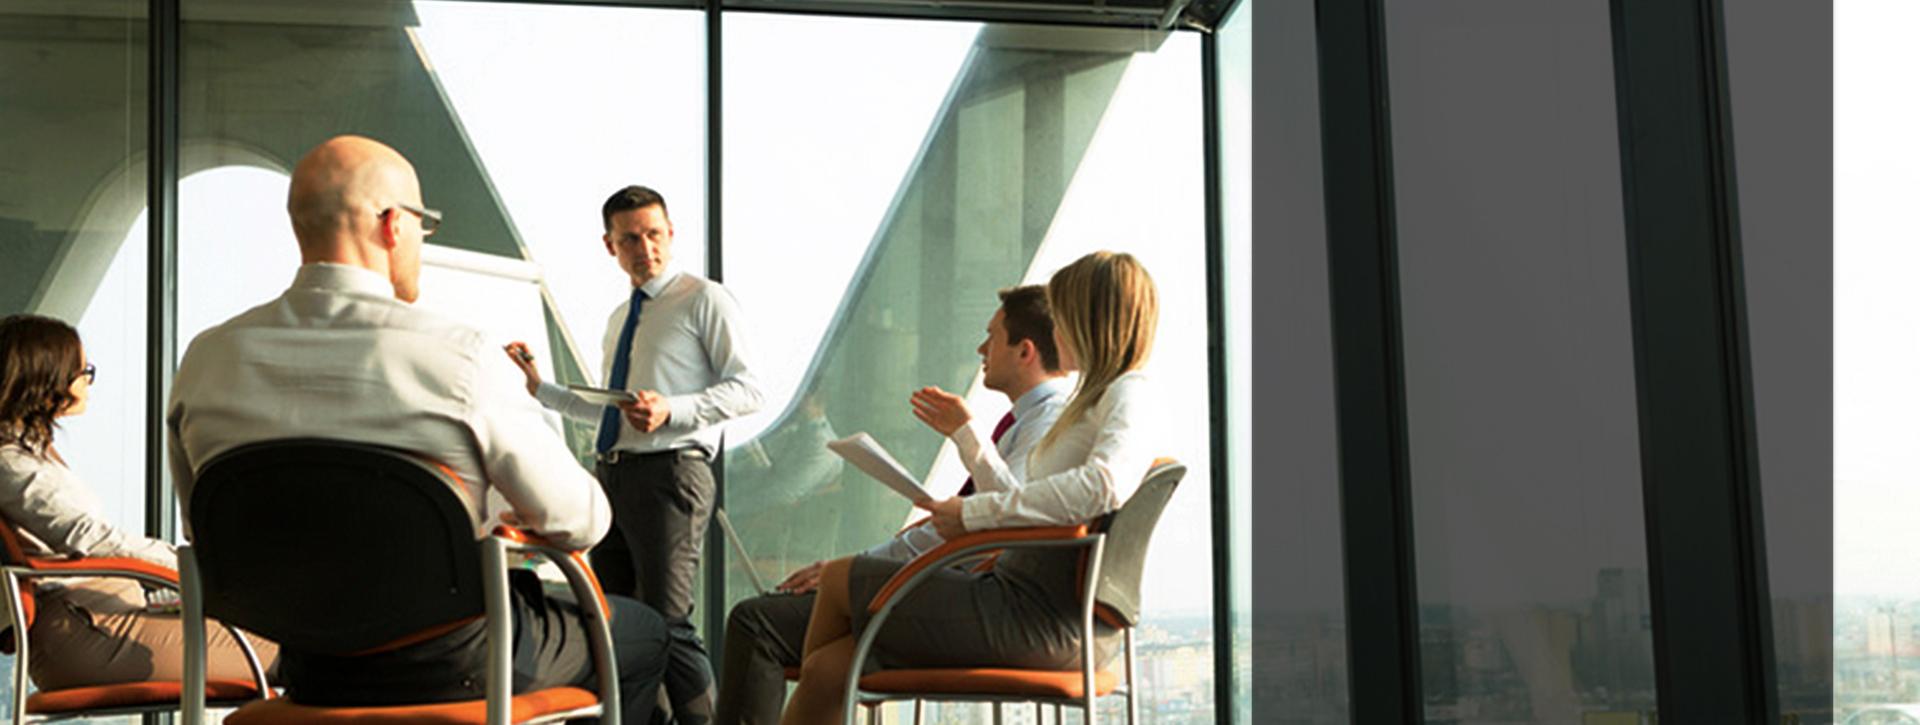 Energy-Narrative-Client-Services1